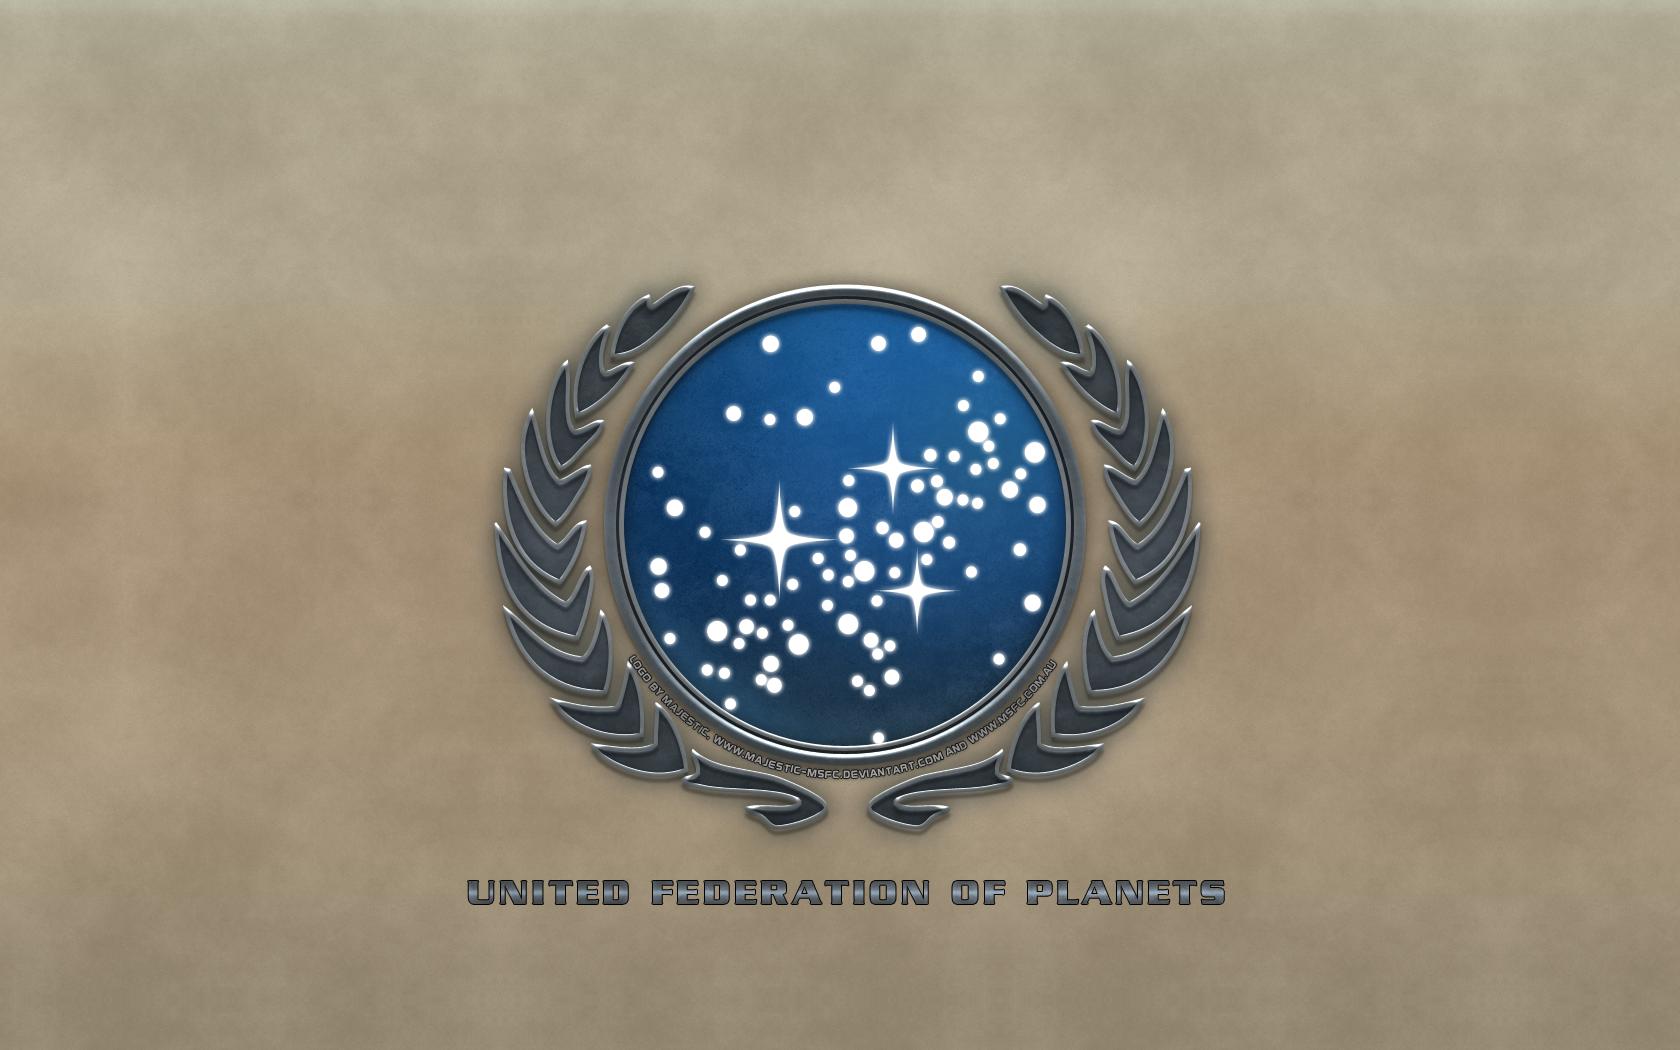 ufp logo image star trek yesteryears mod for star trek